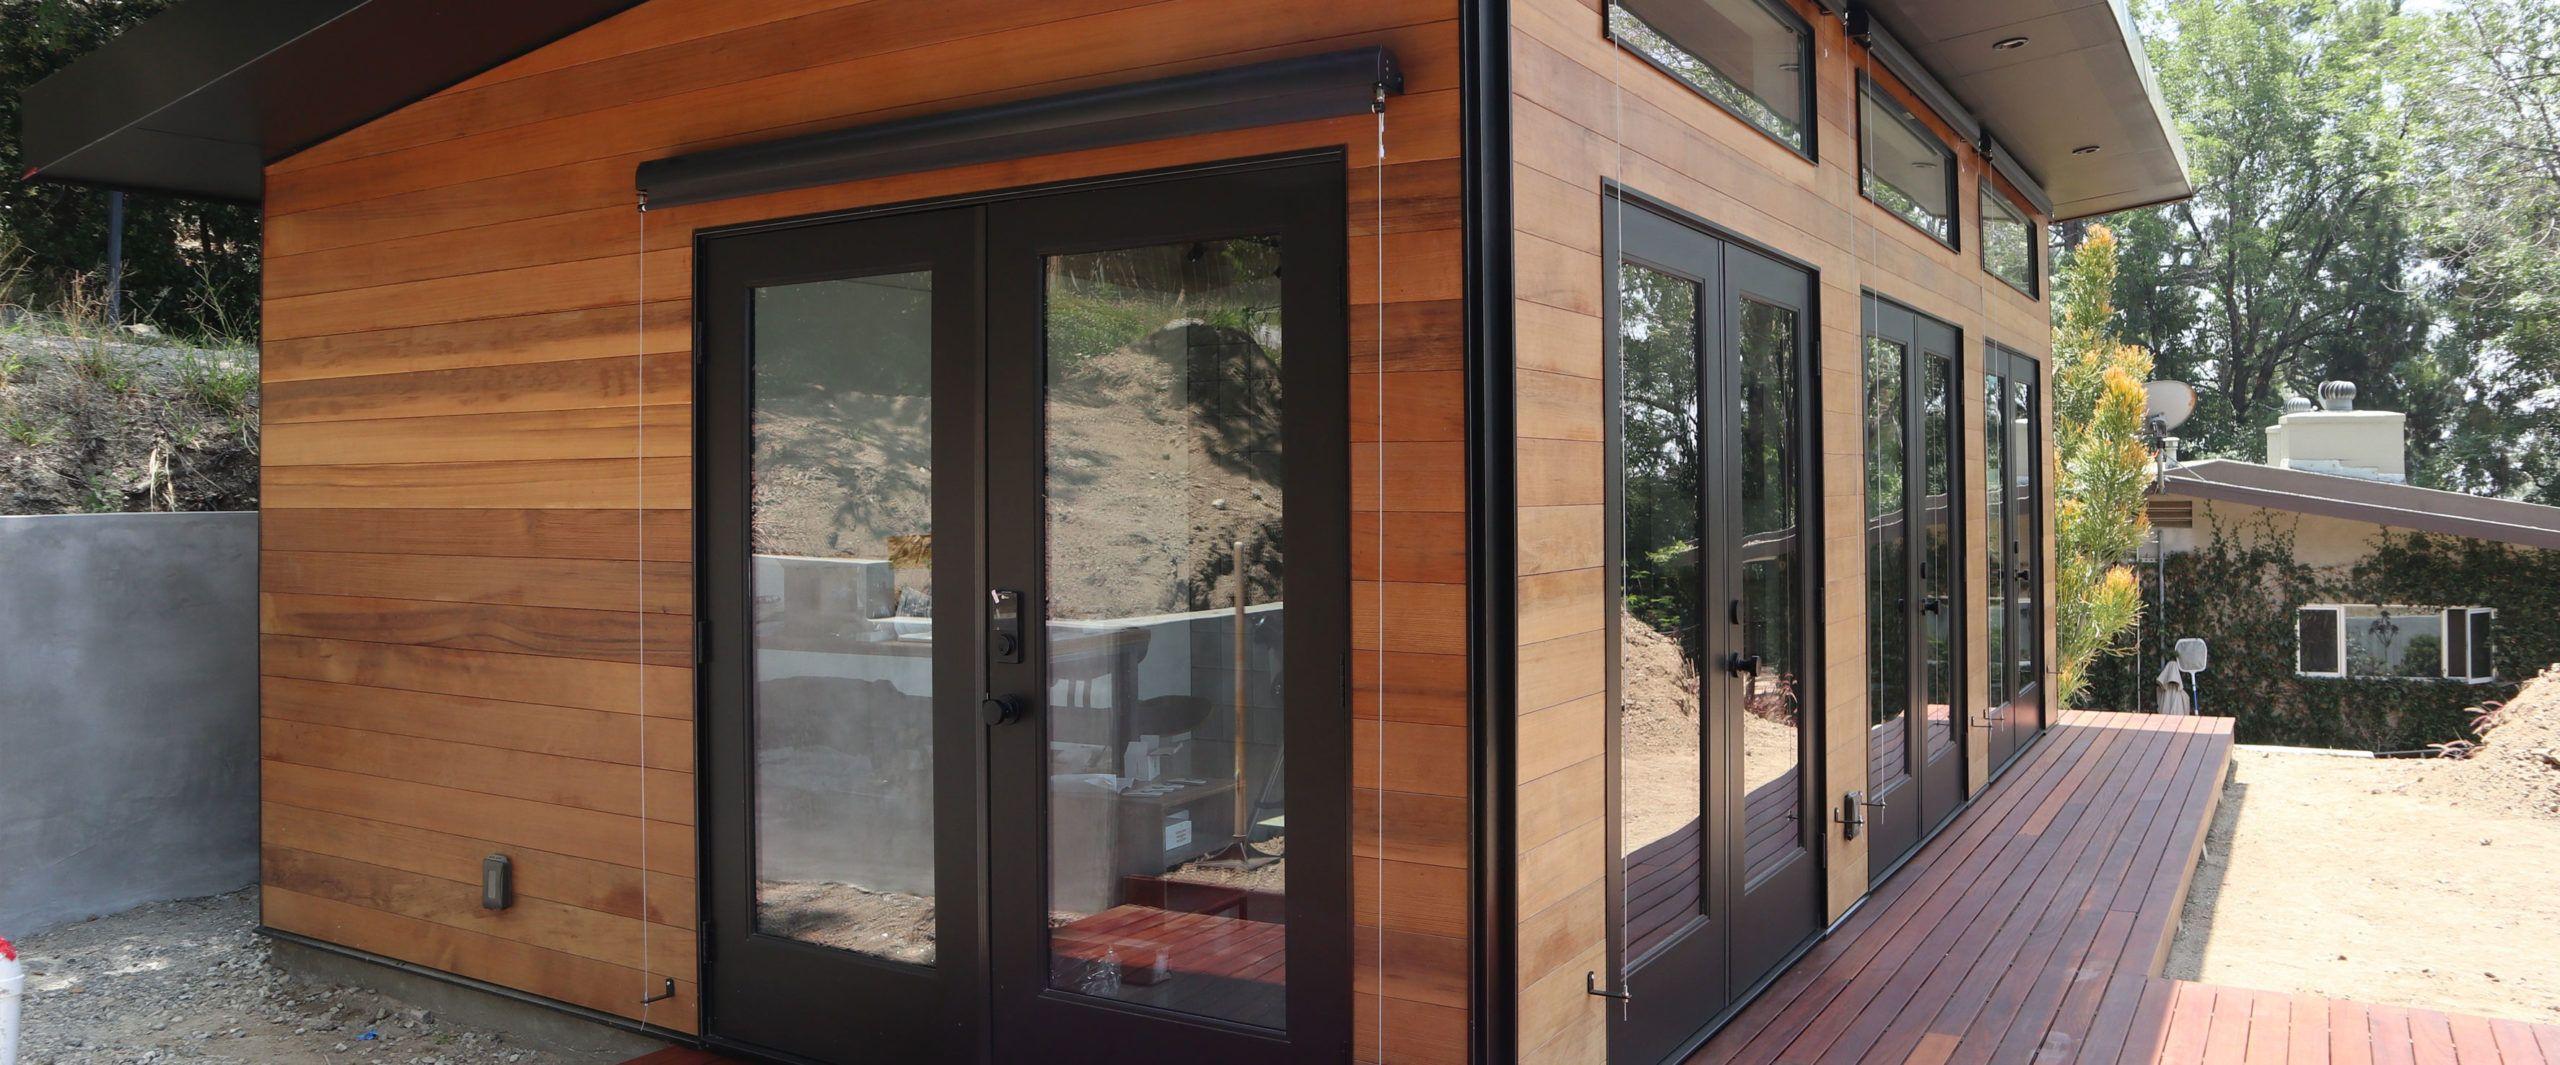 Prefab Accessory Dwelling Units Adu And Modern Garages Studio Shed Studio Shed Modern Garage Backyard Studio